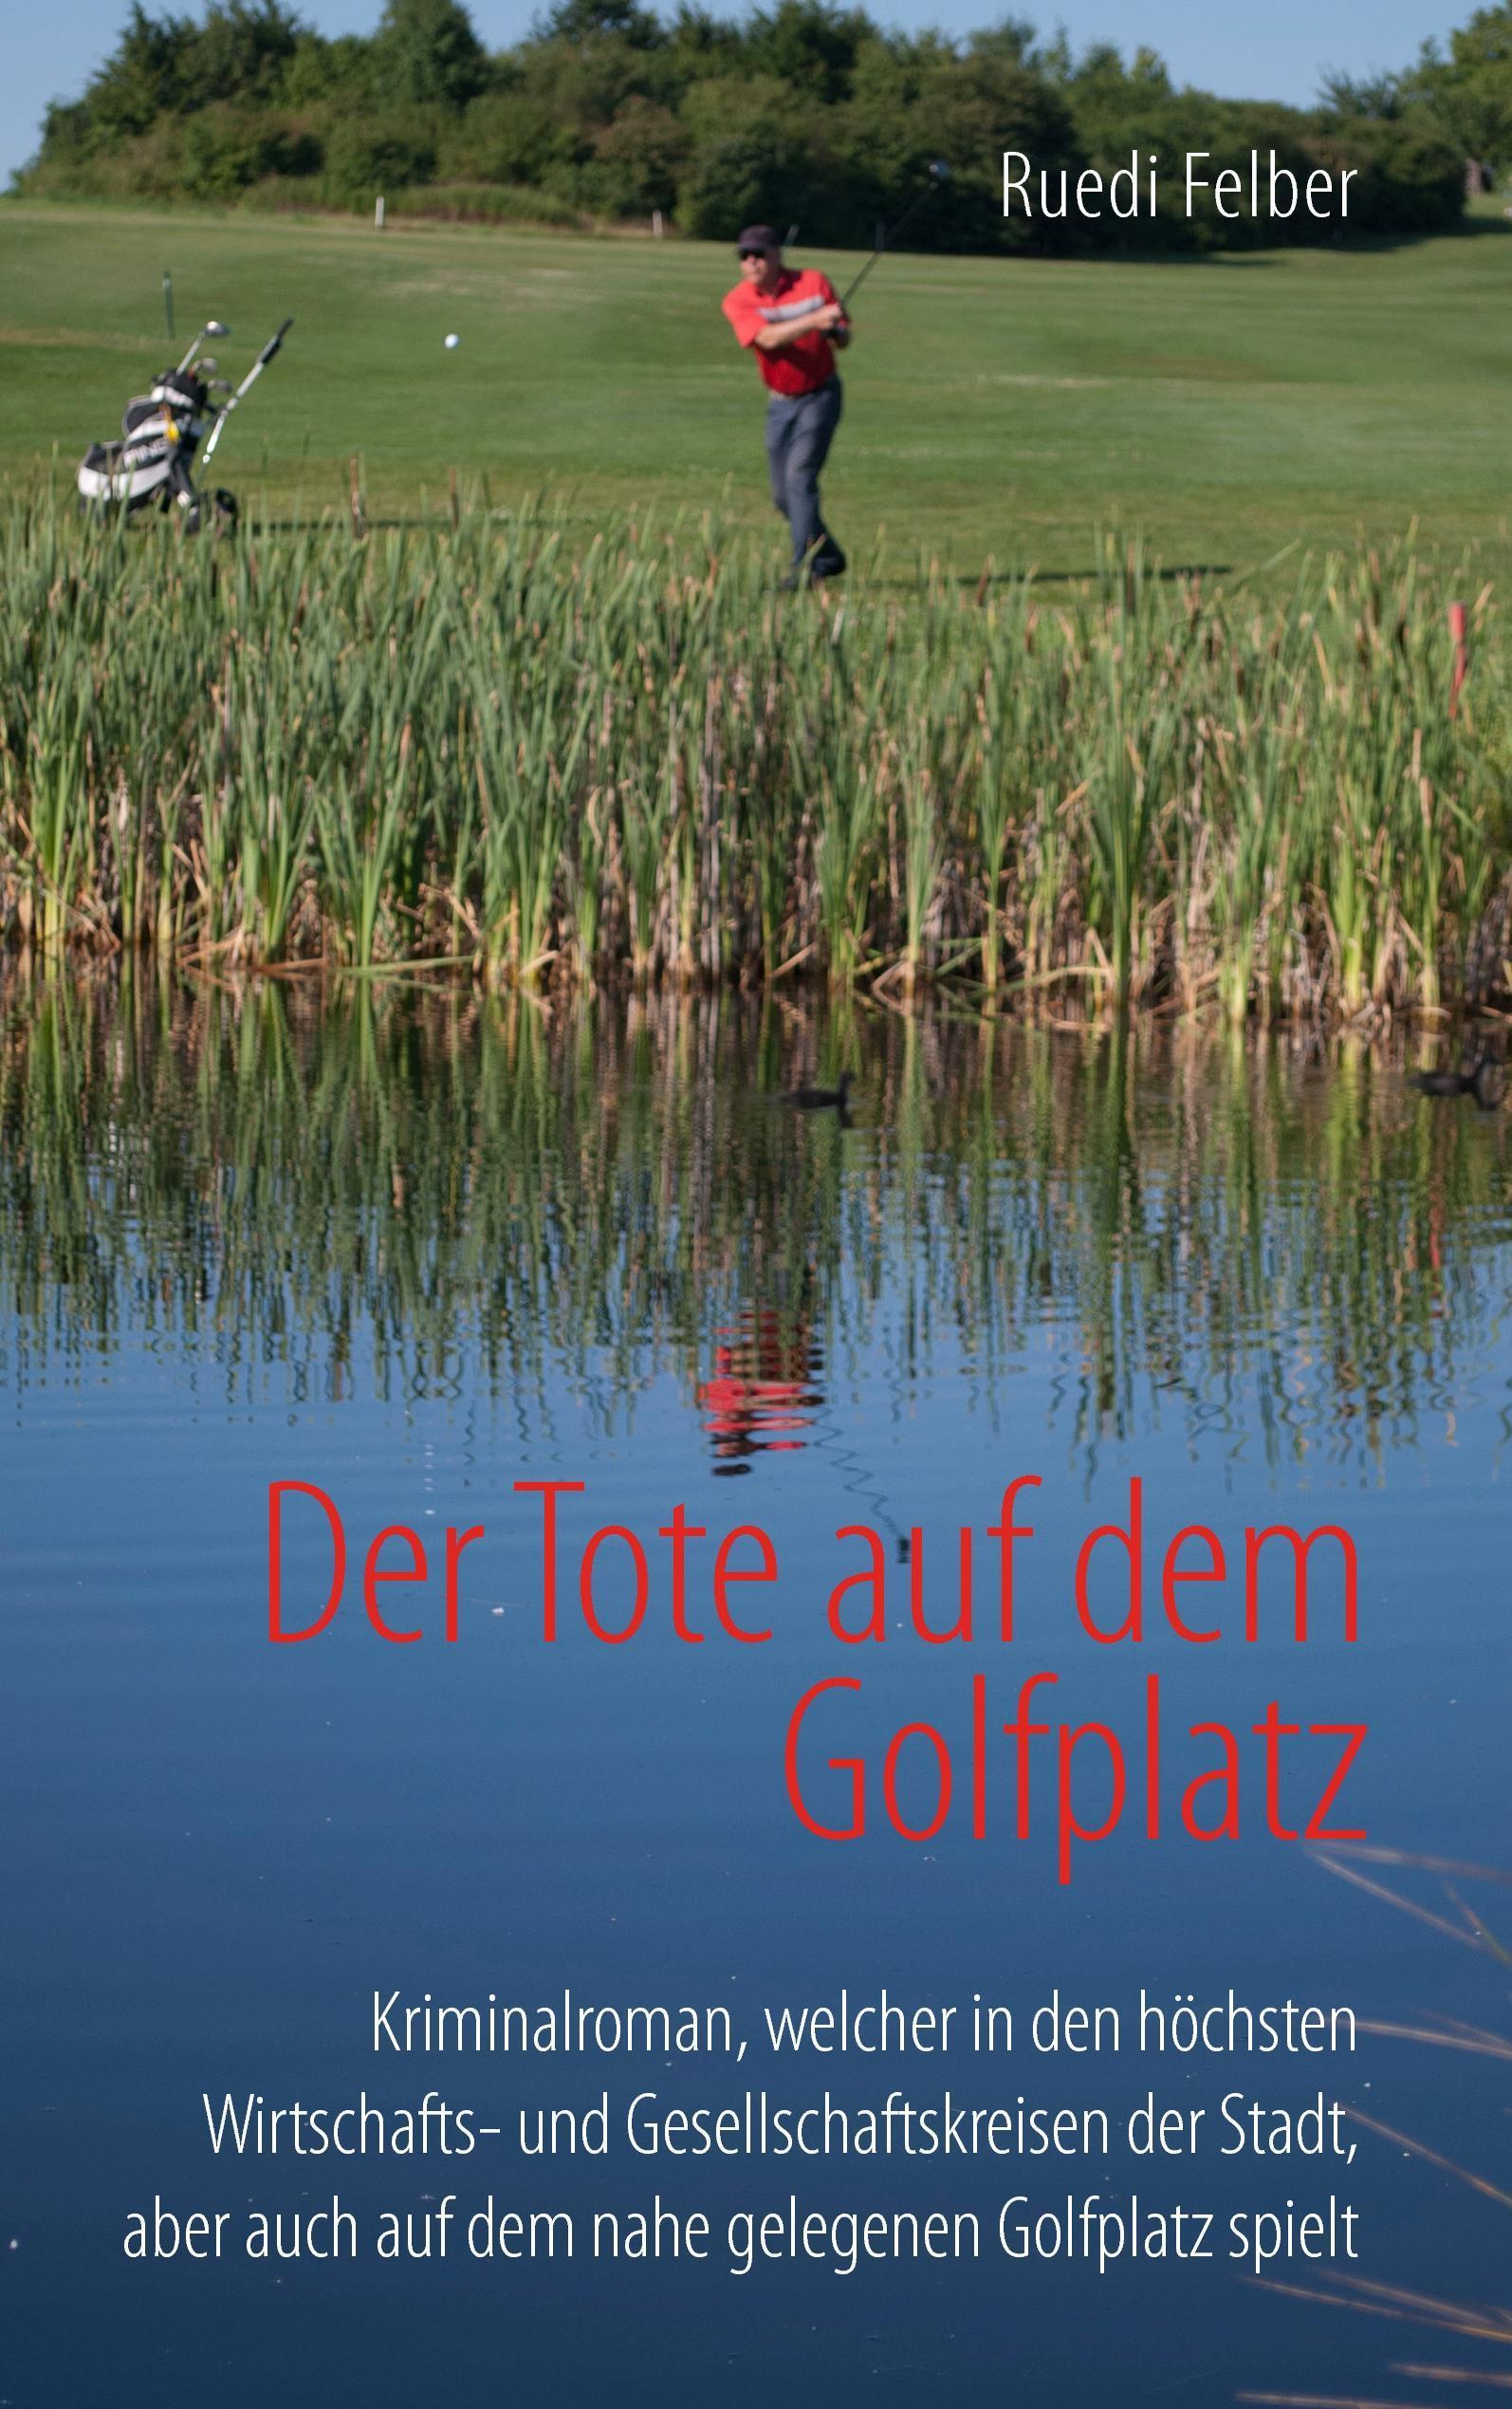 Der Tote auf dem Golfplatz